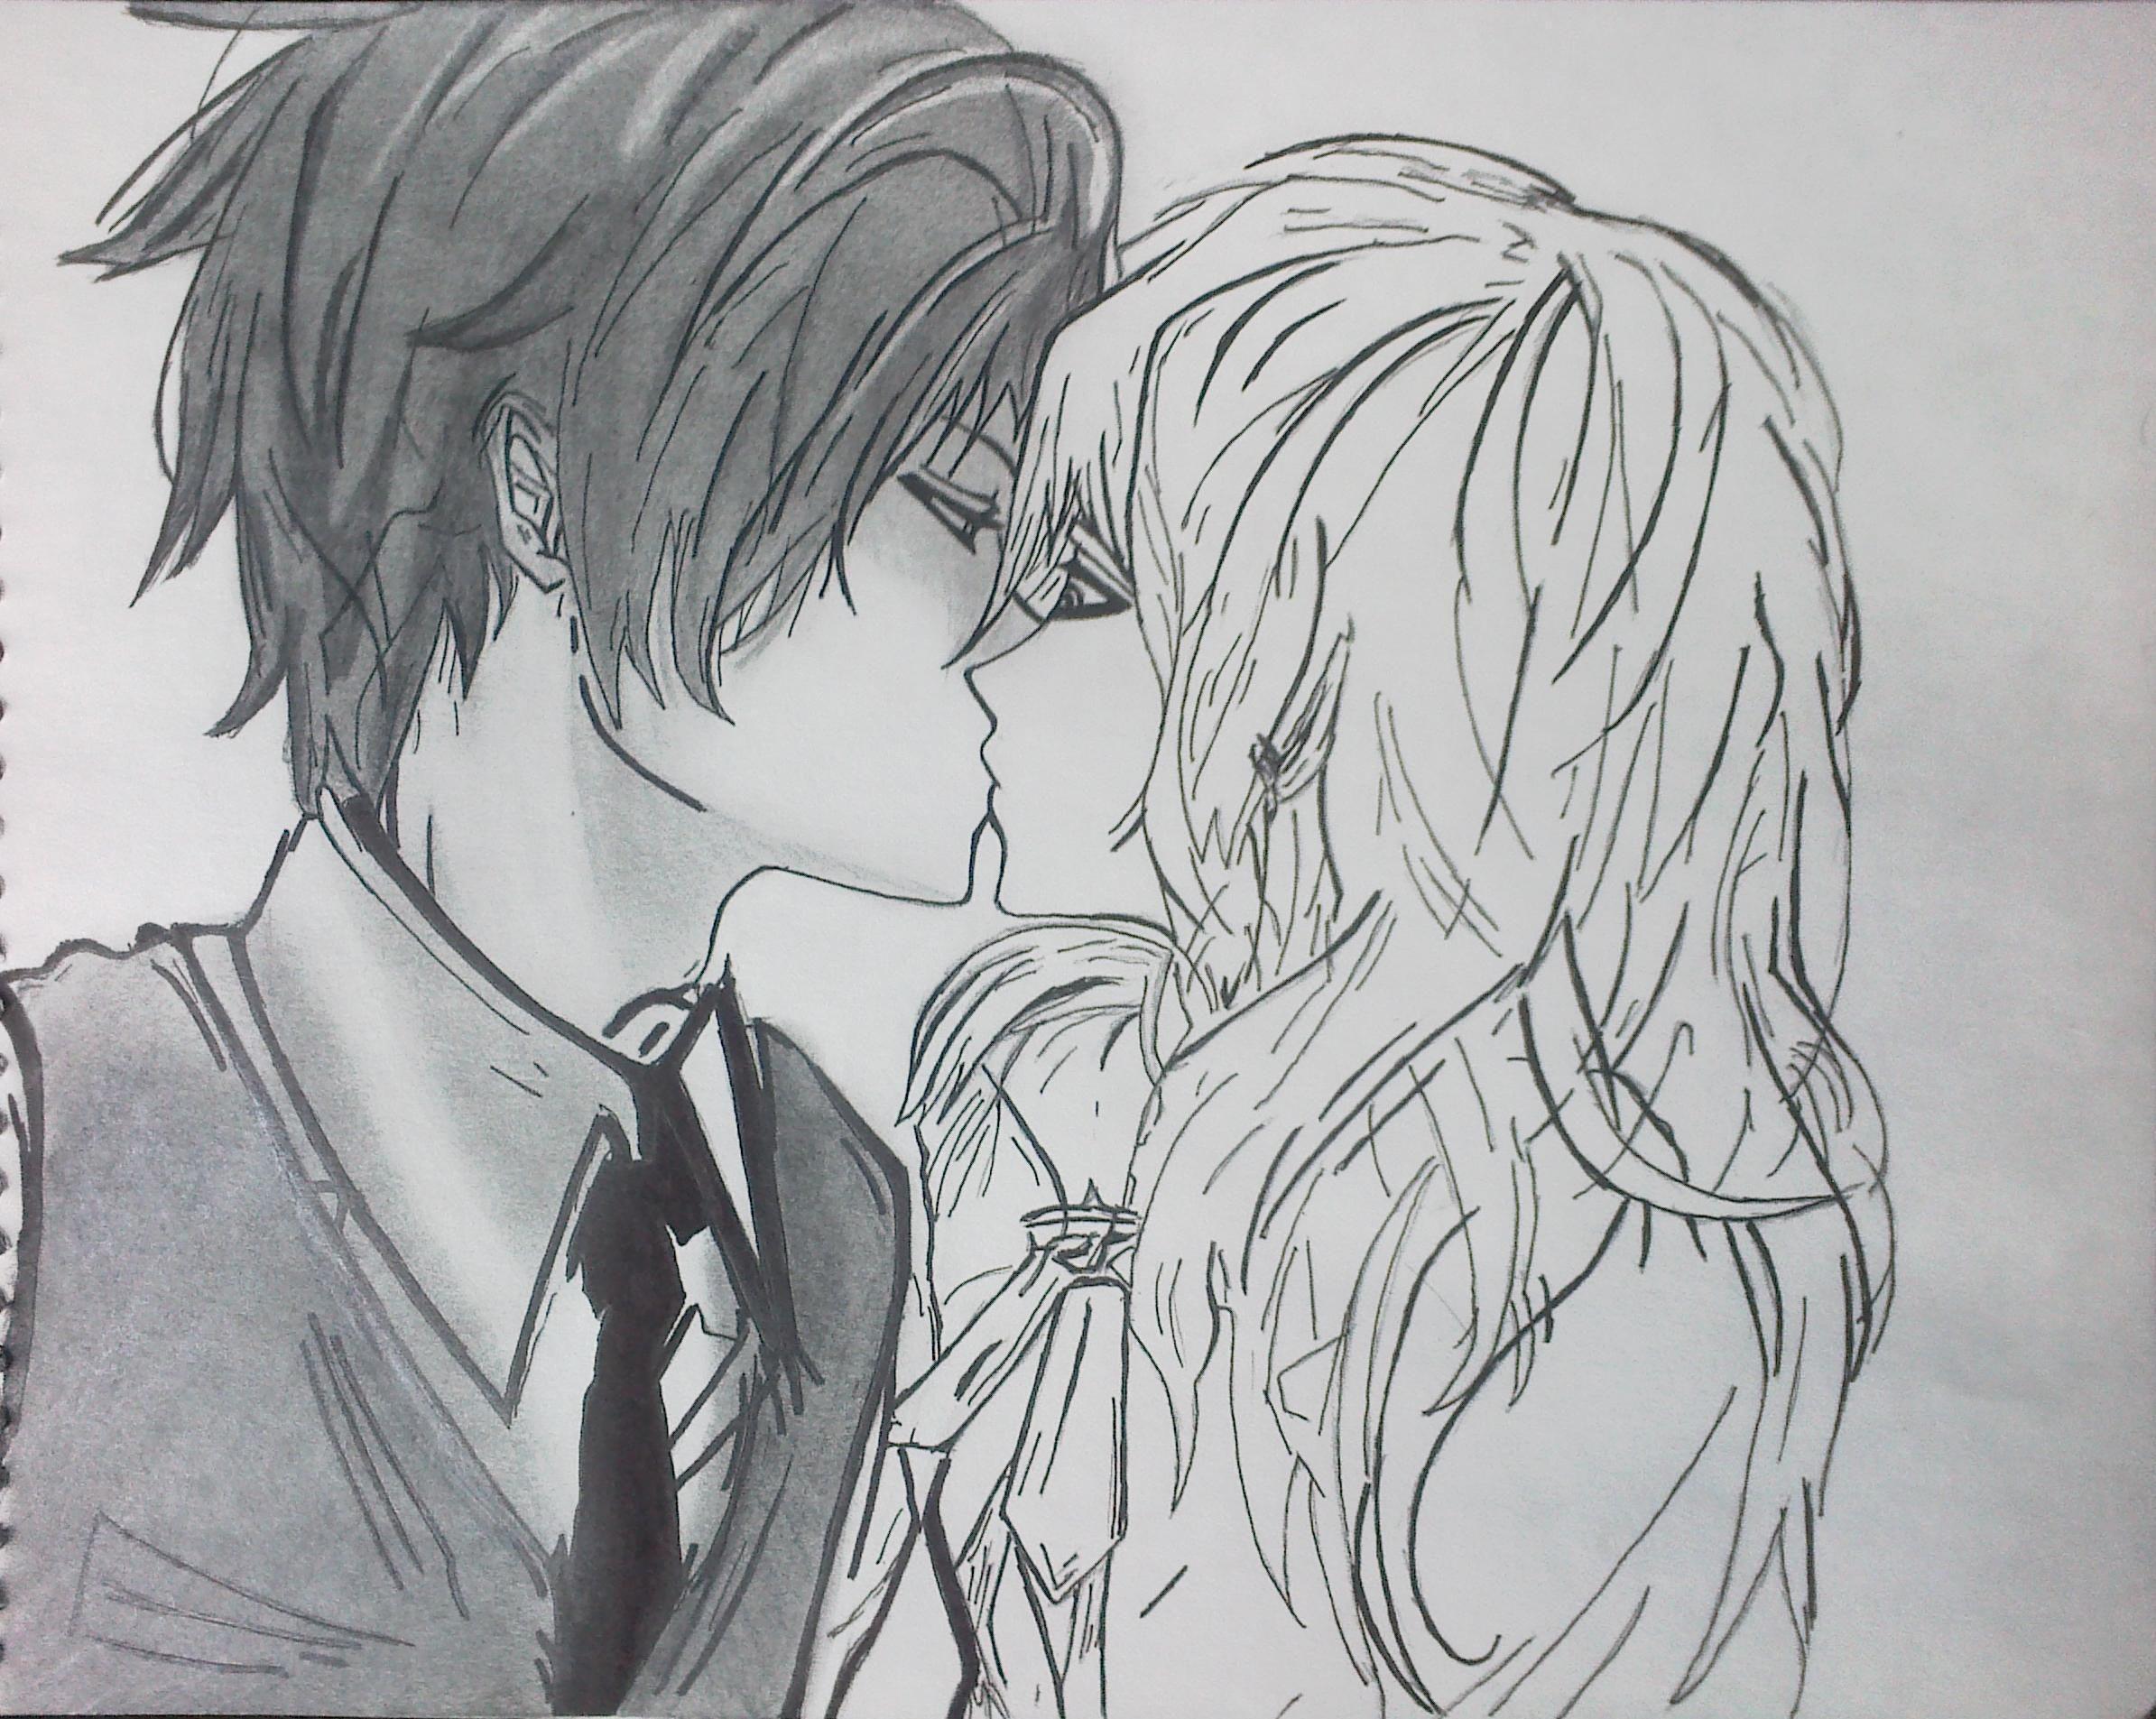 Dibujos A Lapiz De Amor: Resultado De Imagen Para Dibujos Romanticos A Lapiz